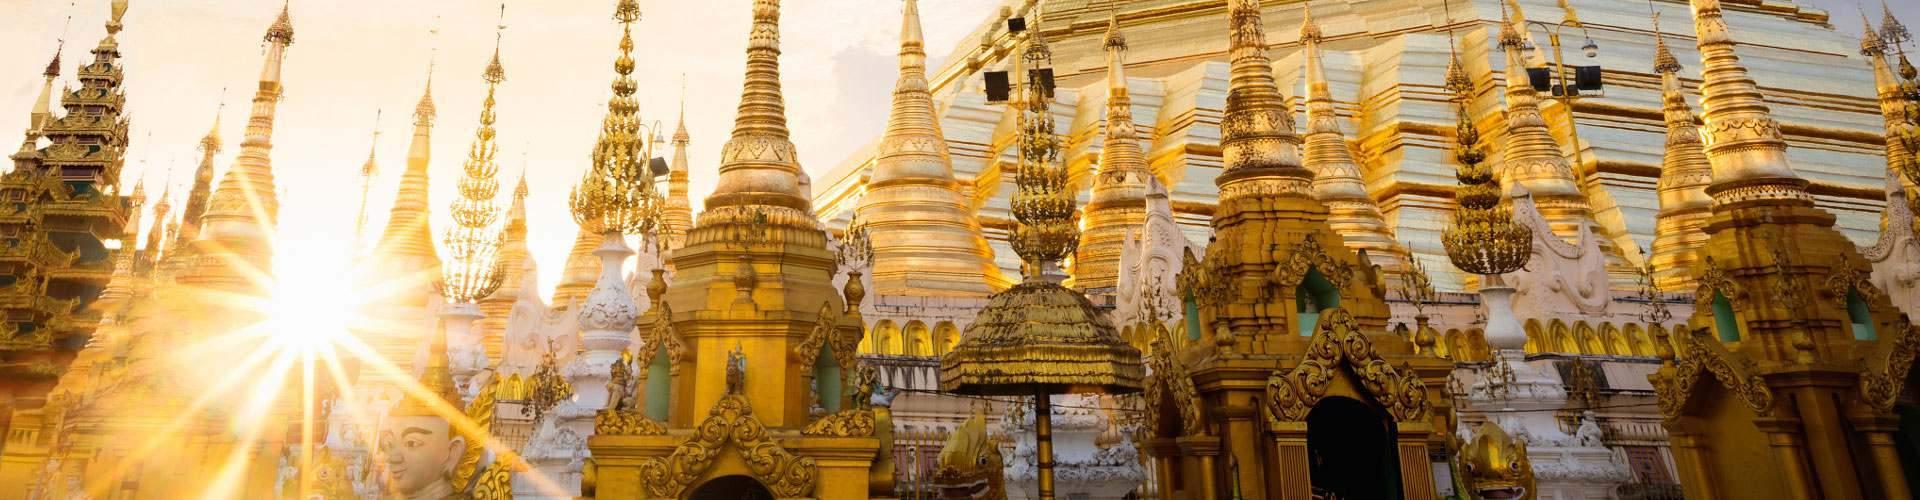 myanmar-attraction